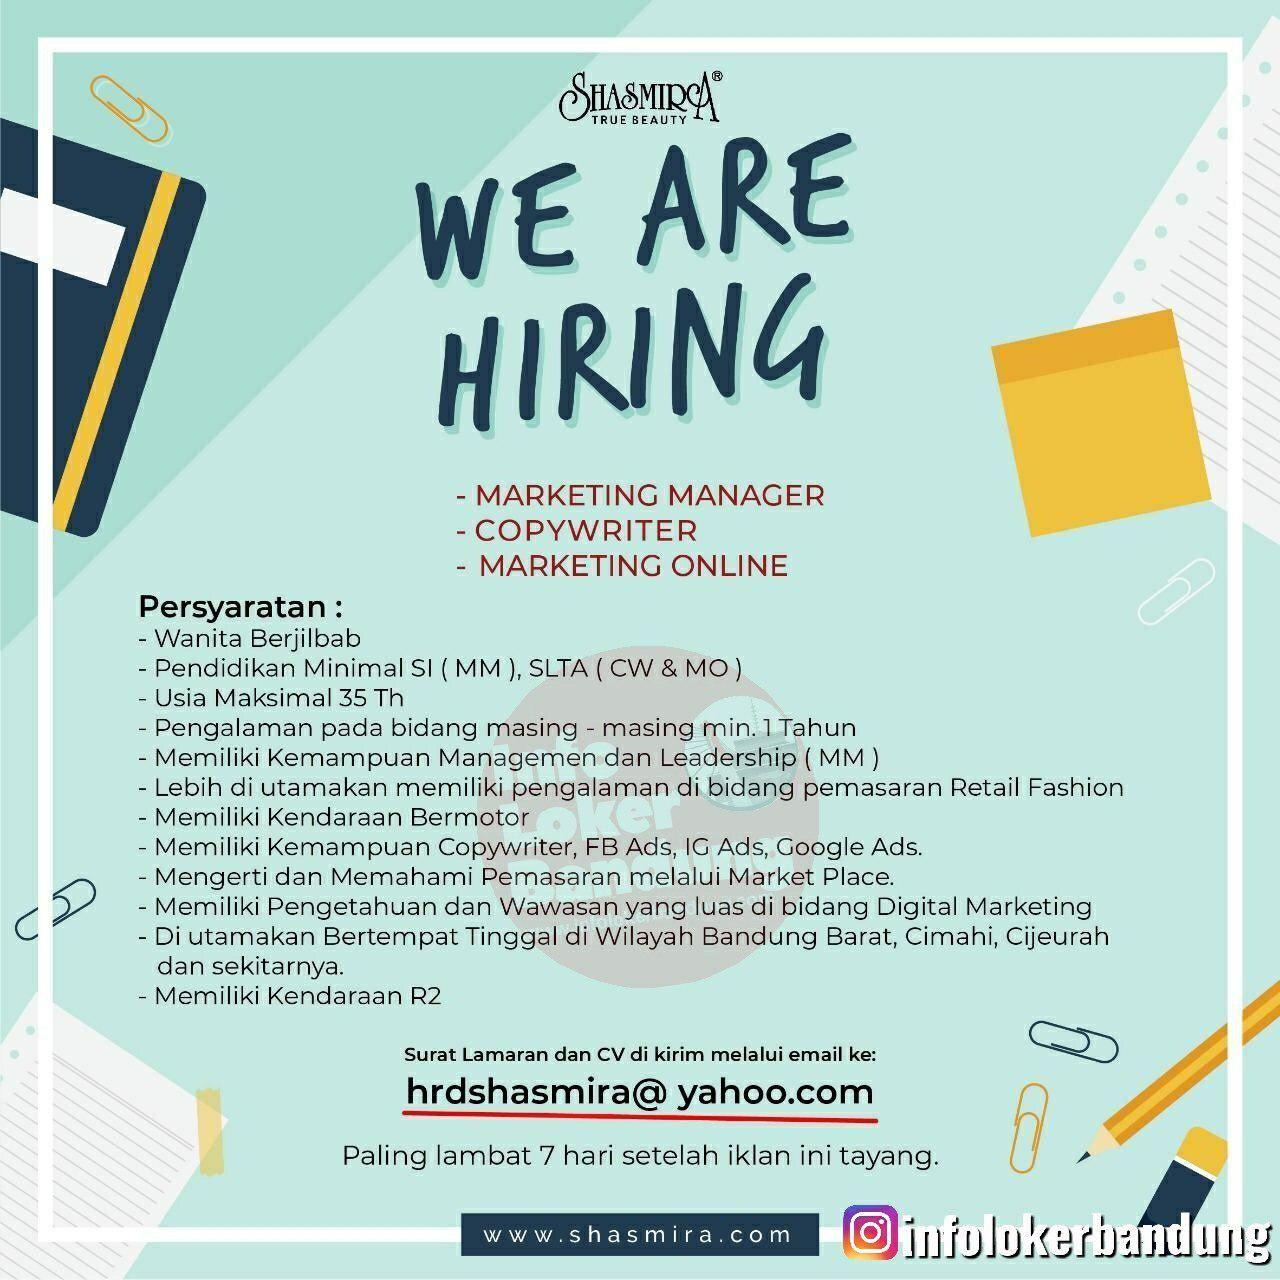 Lowongan Kerja Shasmira True Beauty Bandung Juli 2019 Marketing